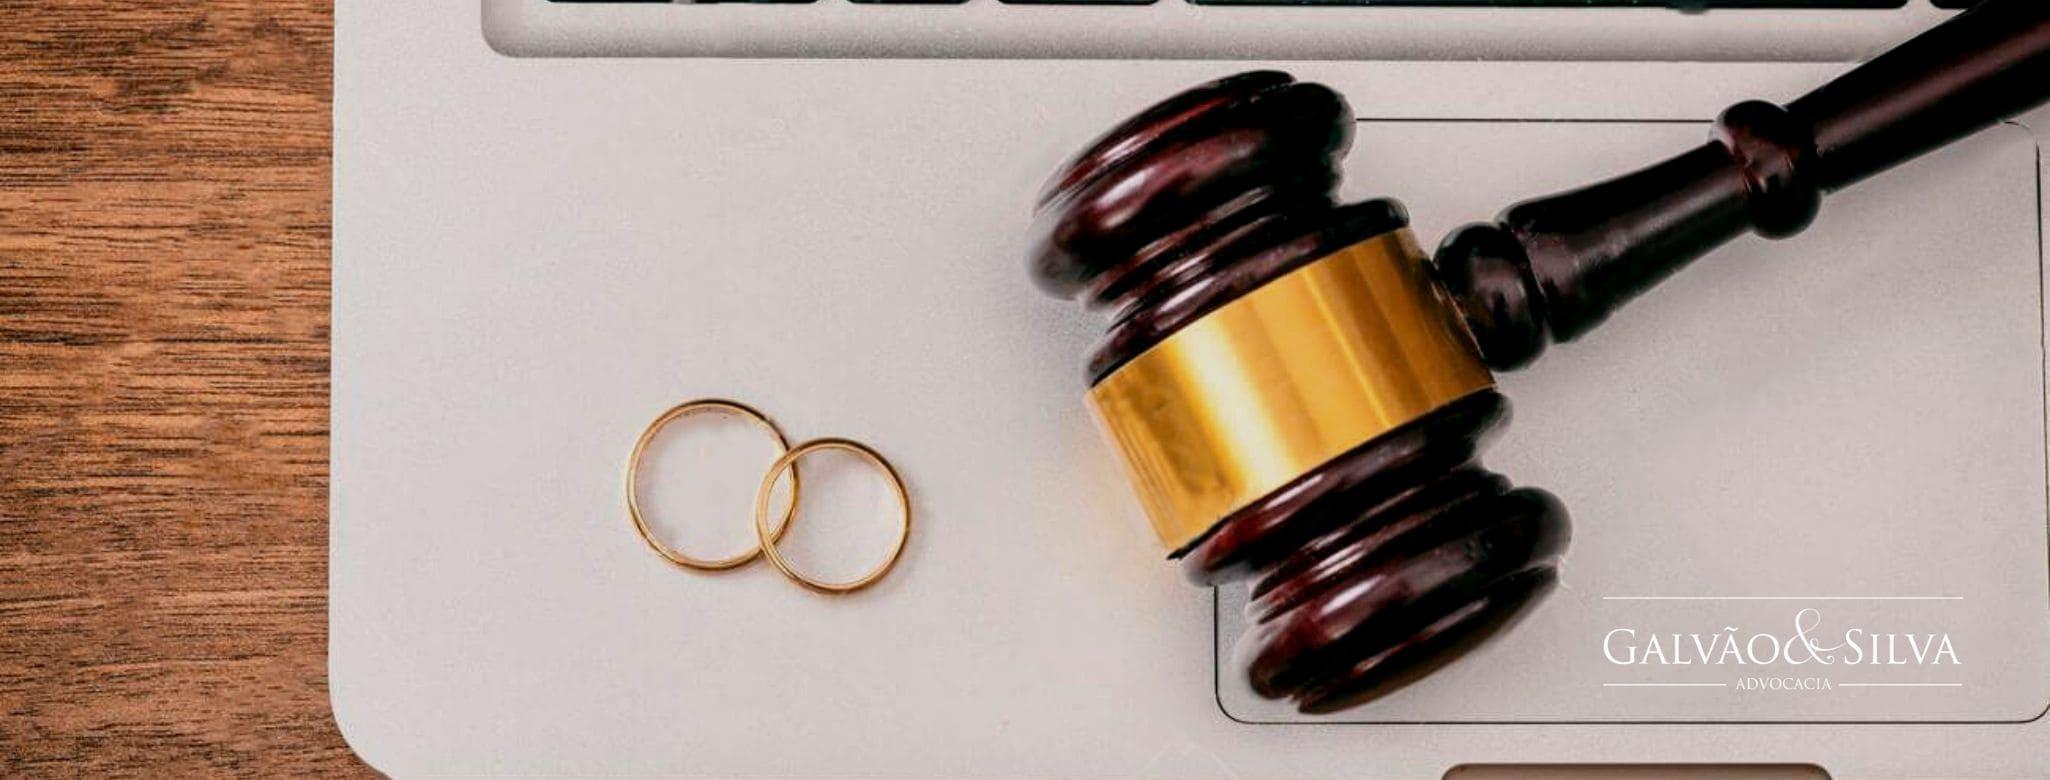 Divórcio virtual: o que terá de diferente e como deverá funcionar?